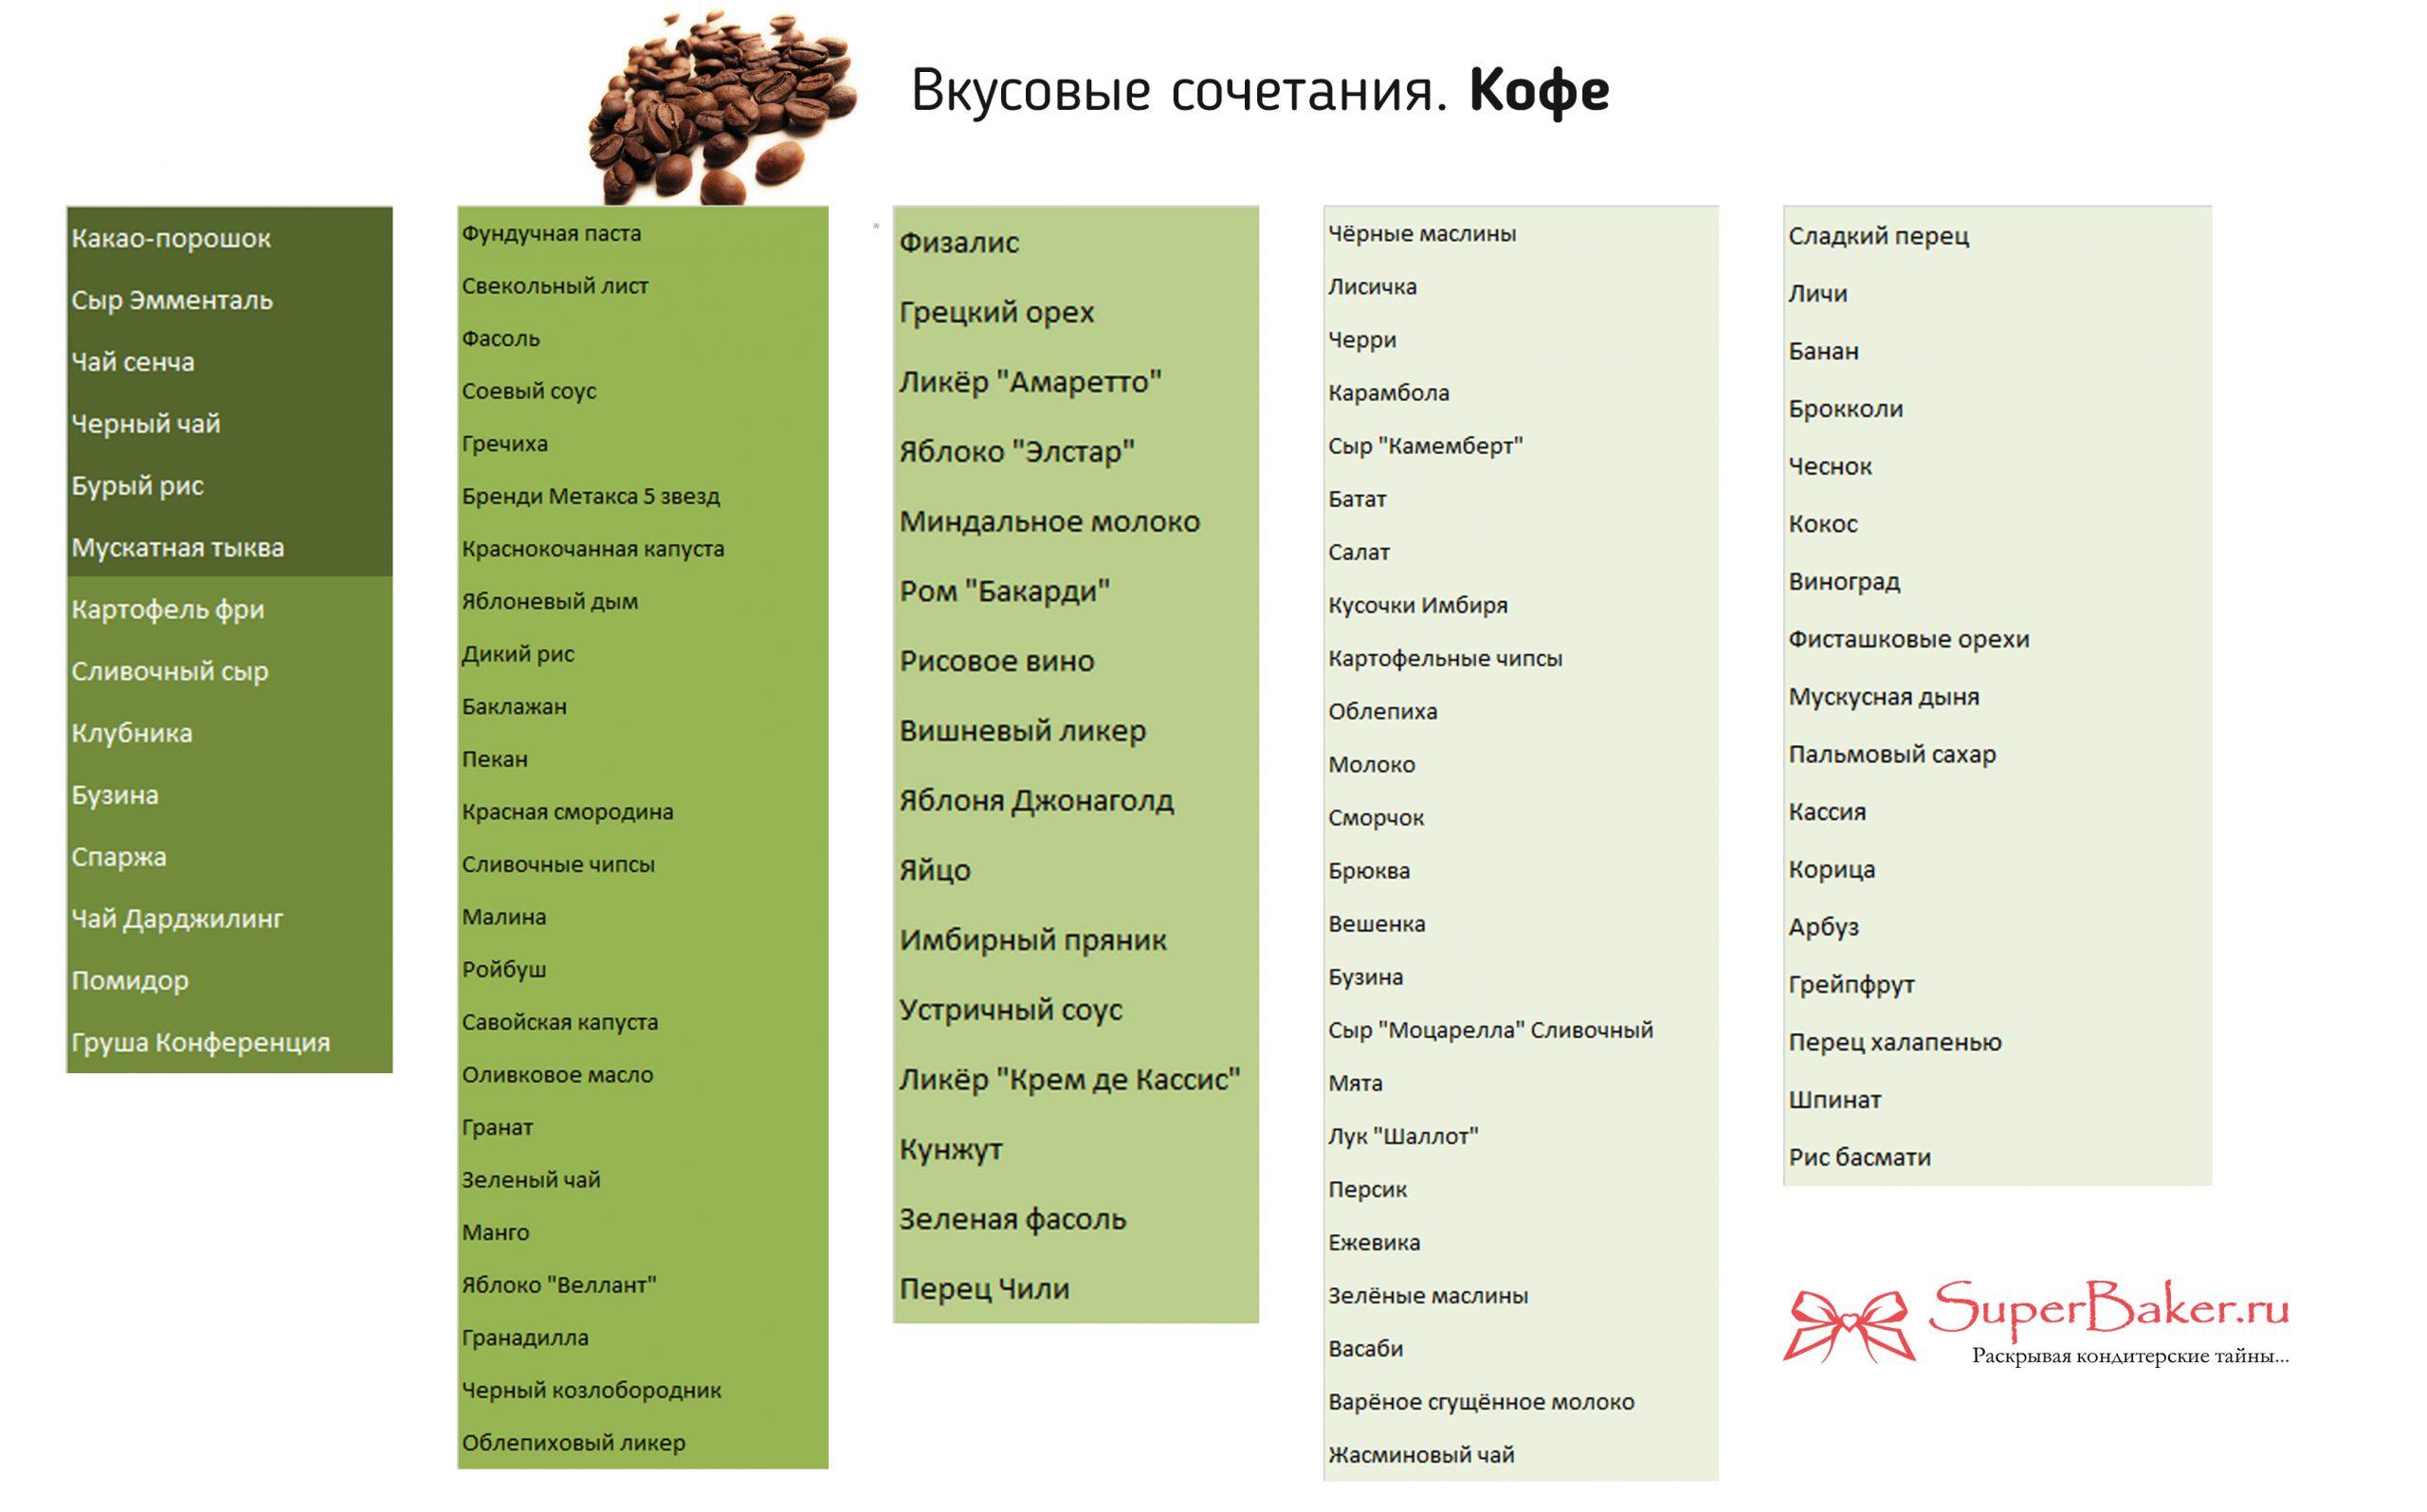 Вкусовые сочетания. Кофе